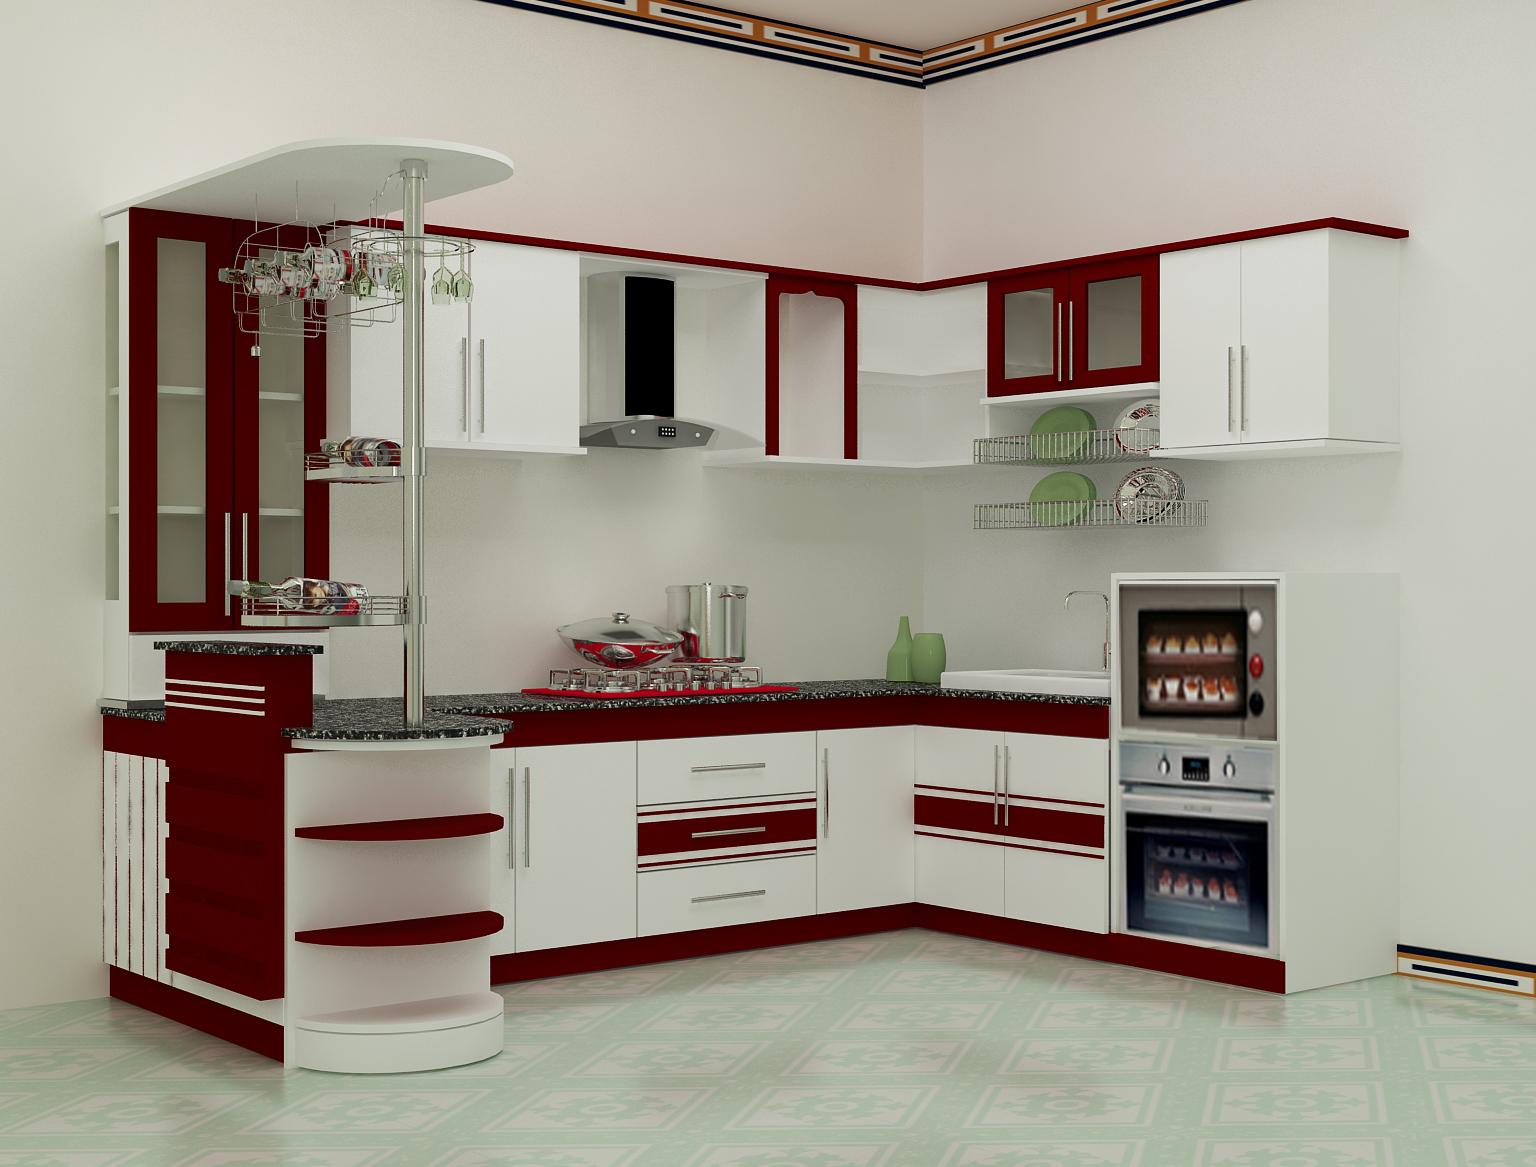 tủ bếp Laminate kingdom phối trắng và đỏ